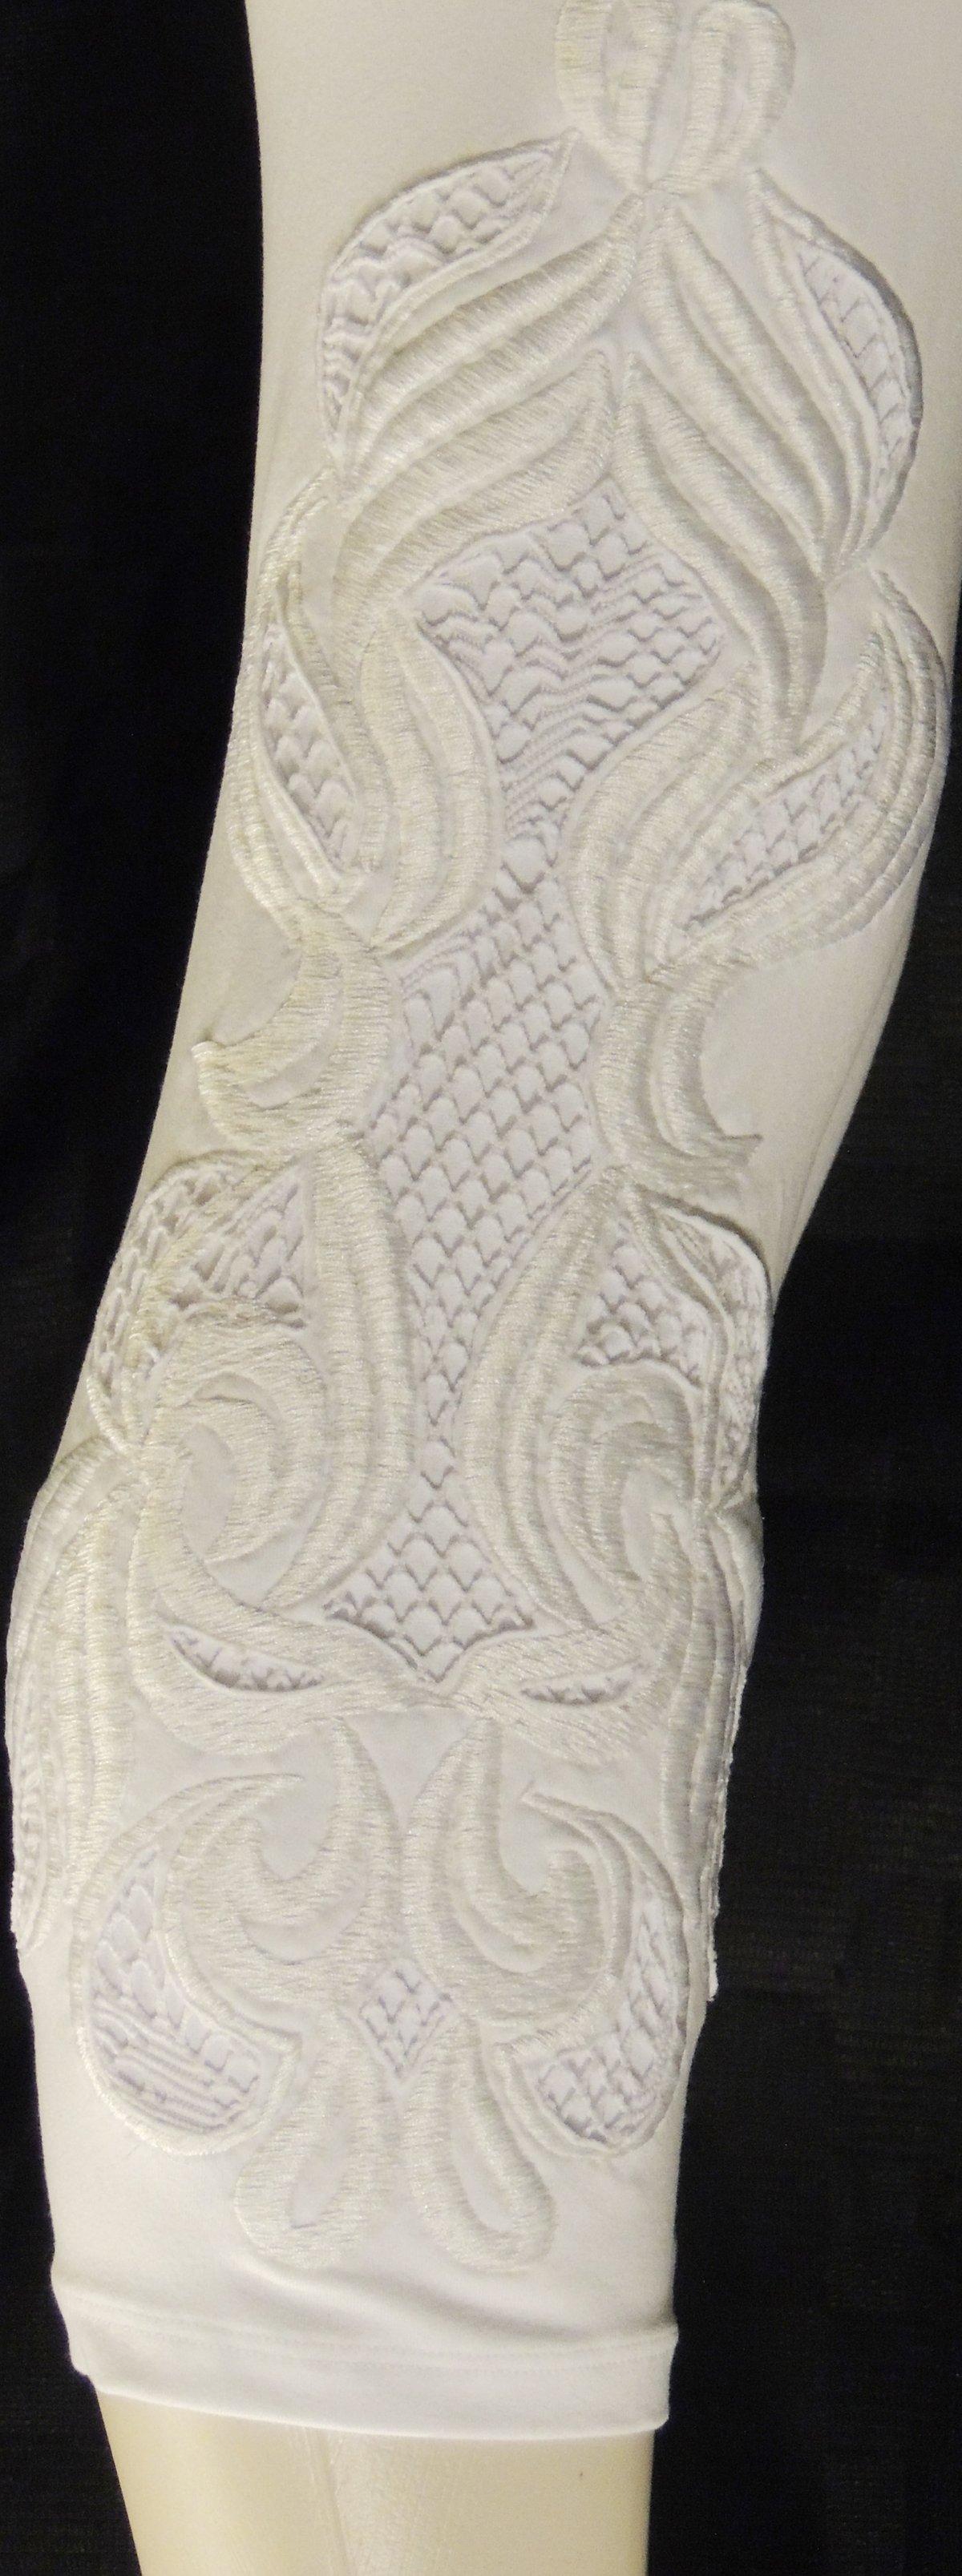 White swirl capris FW3433WHI